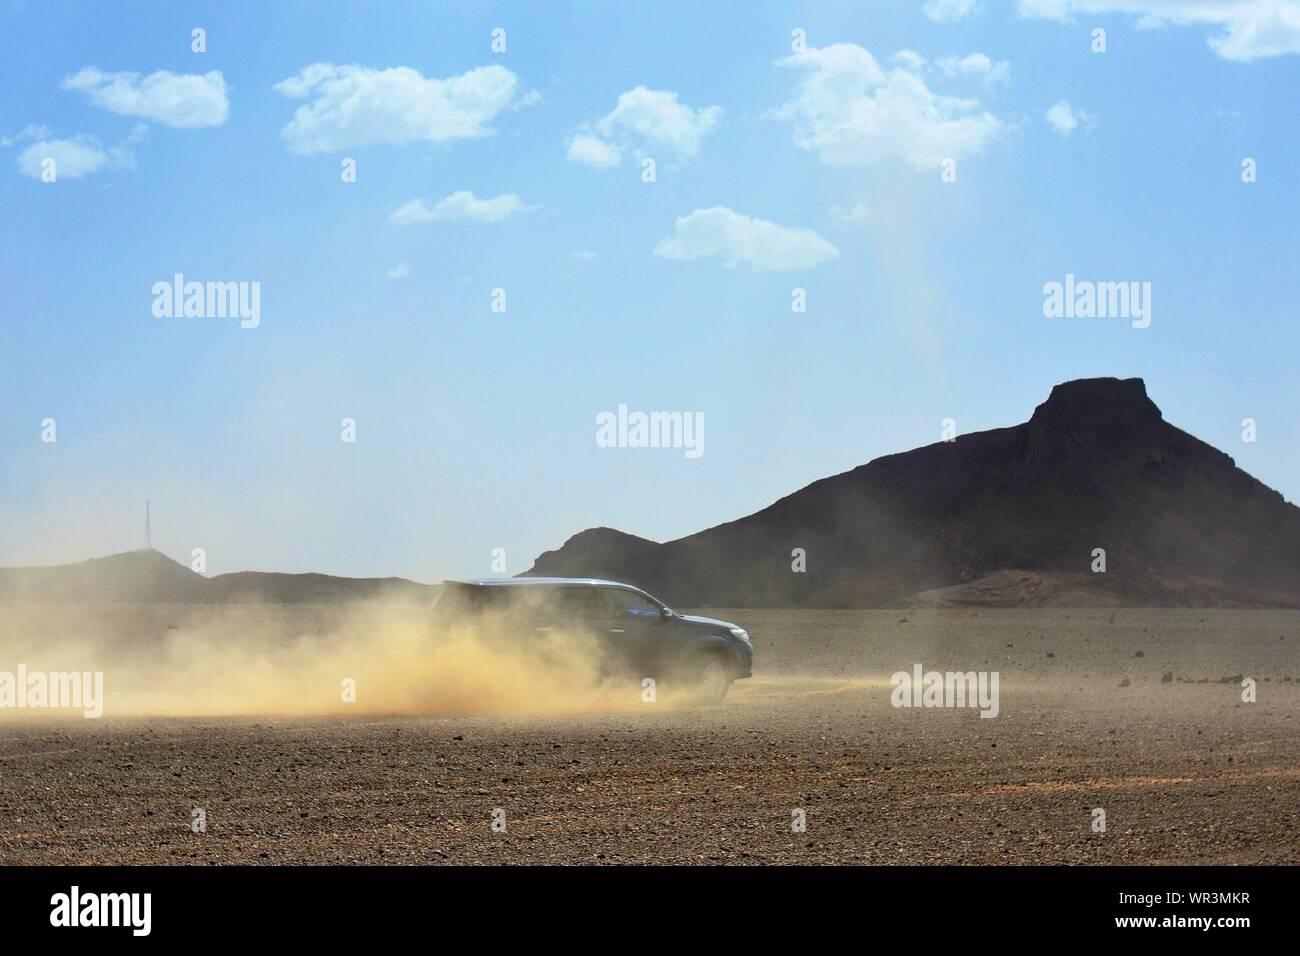 Terre puissant véhicule en marche sur un sol poussiéreux déserte Banque D'Images